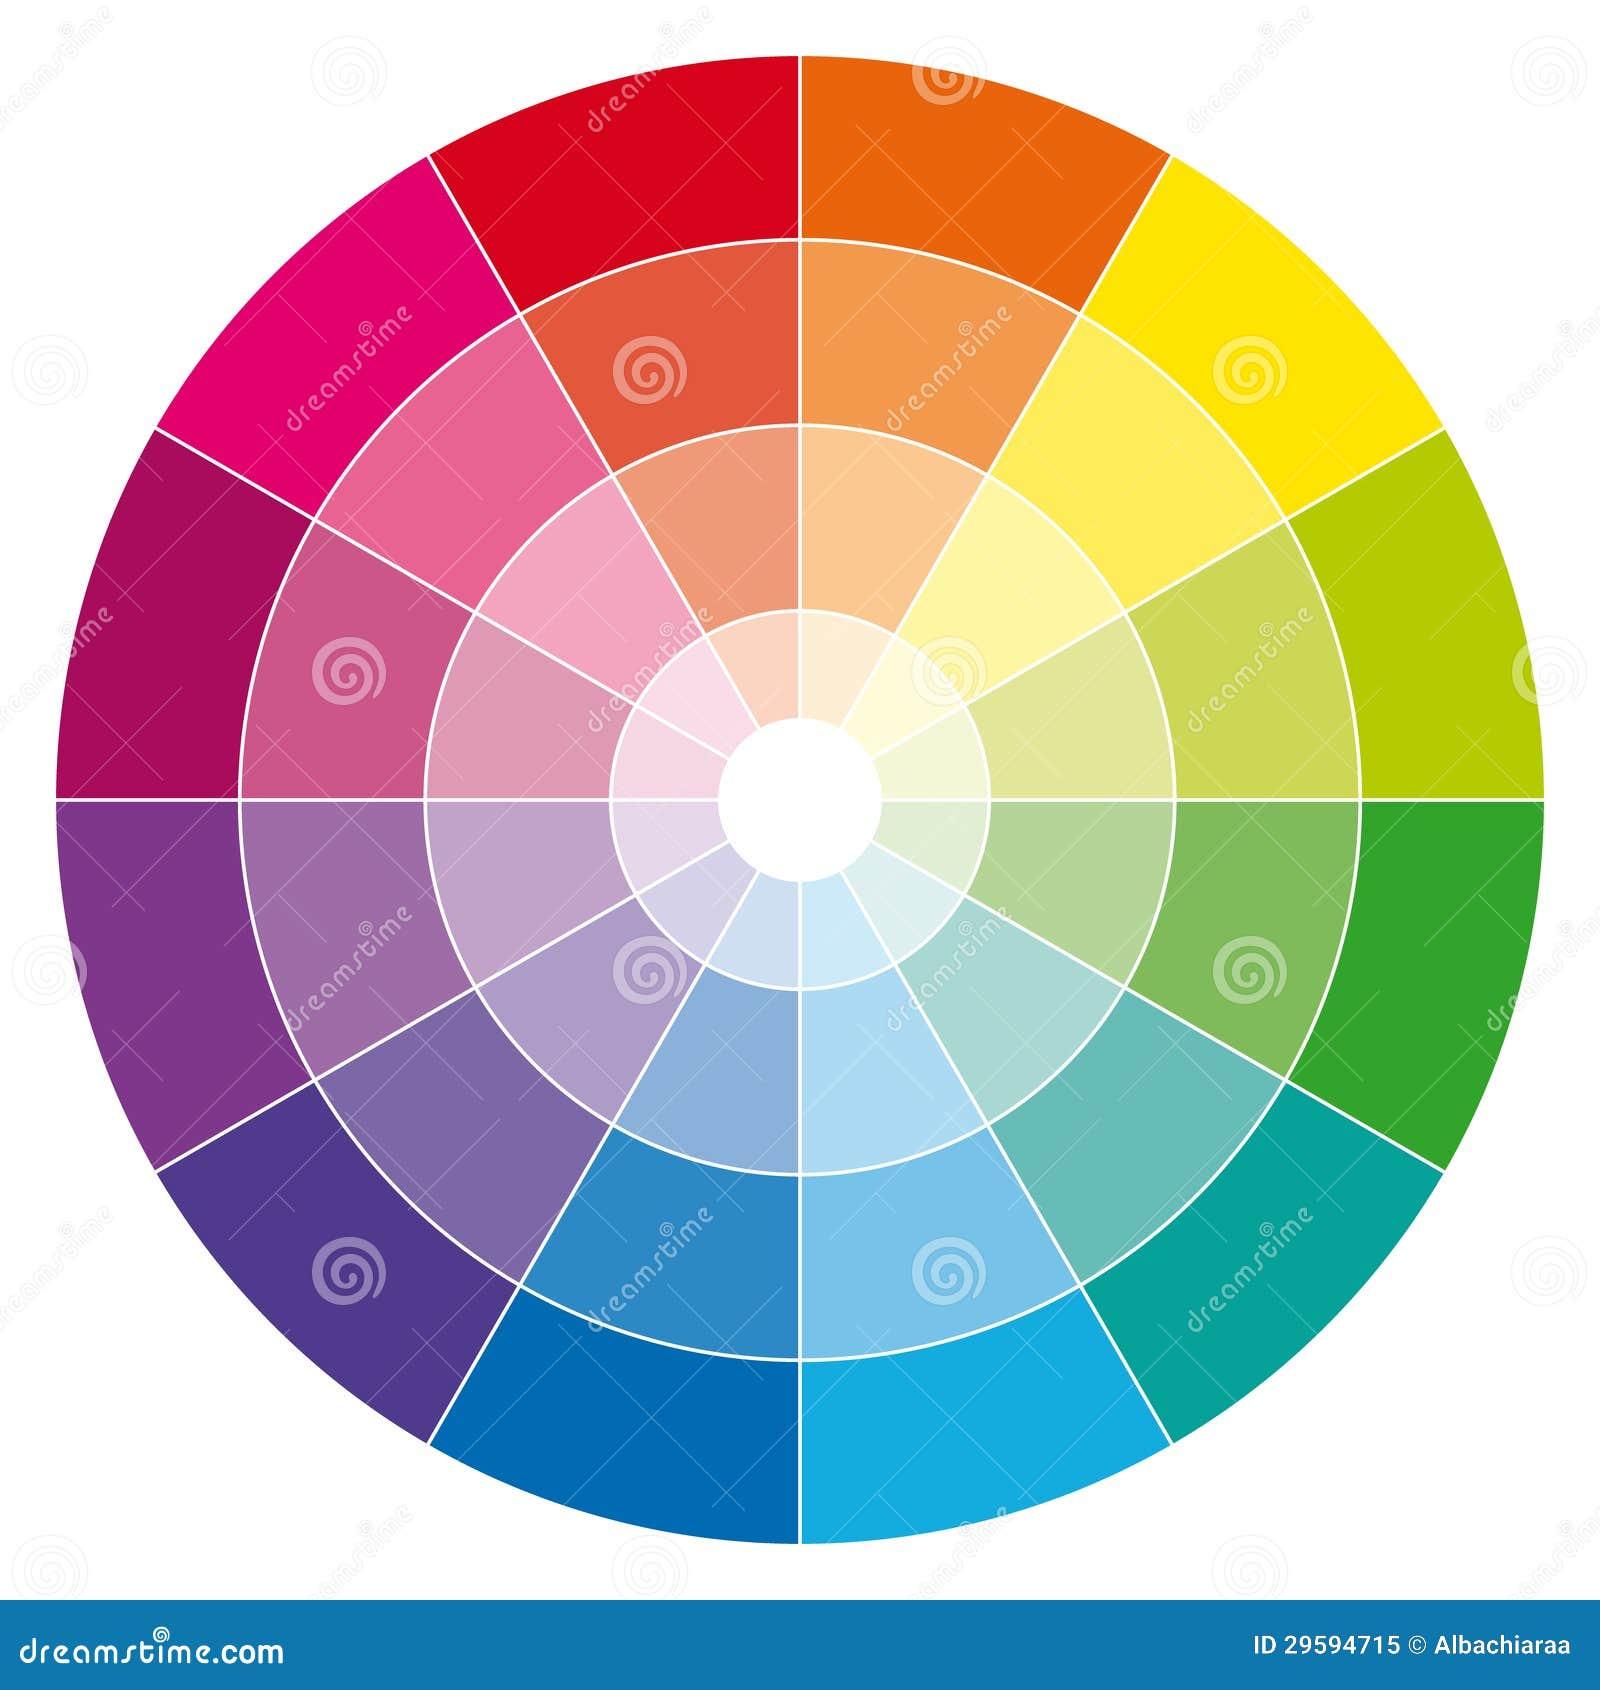 roue de couleur photo libre de droits image 29594715. Black Bedroom Furniture Sets. Home Design Ideas